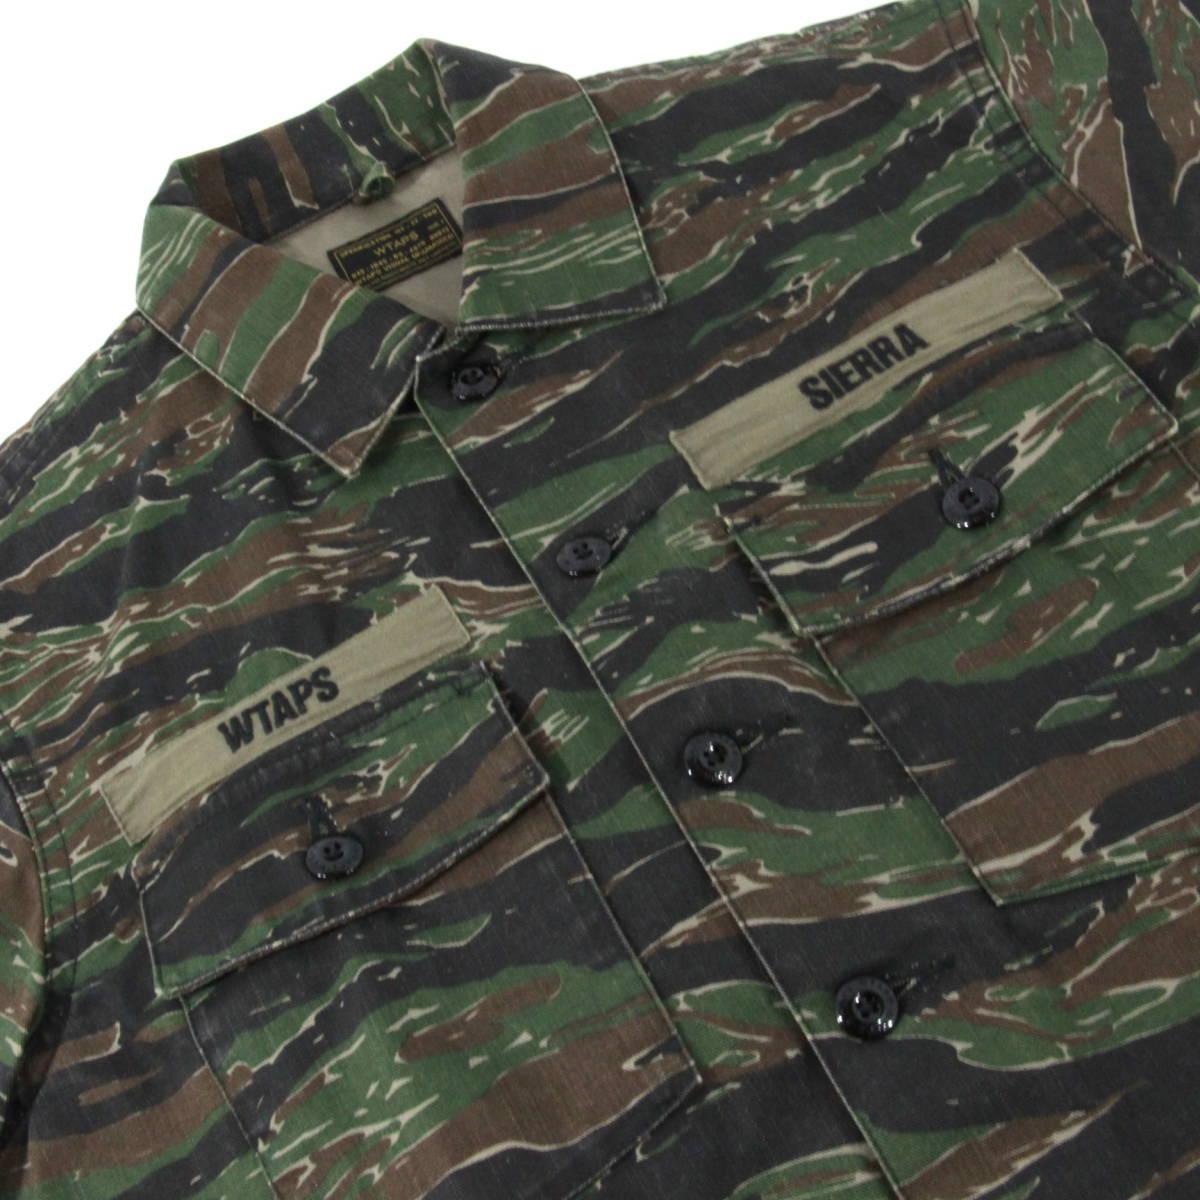 【即完売】WTAPS 17SS BUDS SS JUNGLE SHIRT TIGER STRIPE オーバーサイズ ミリタリーシャツ 1 S タイガーカモ 迷彩 ダブルタップス_画像4